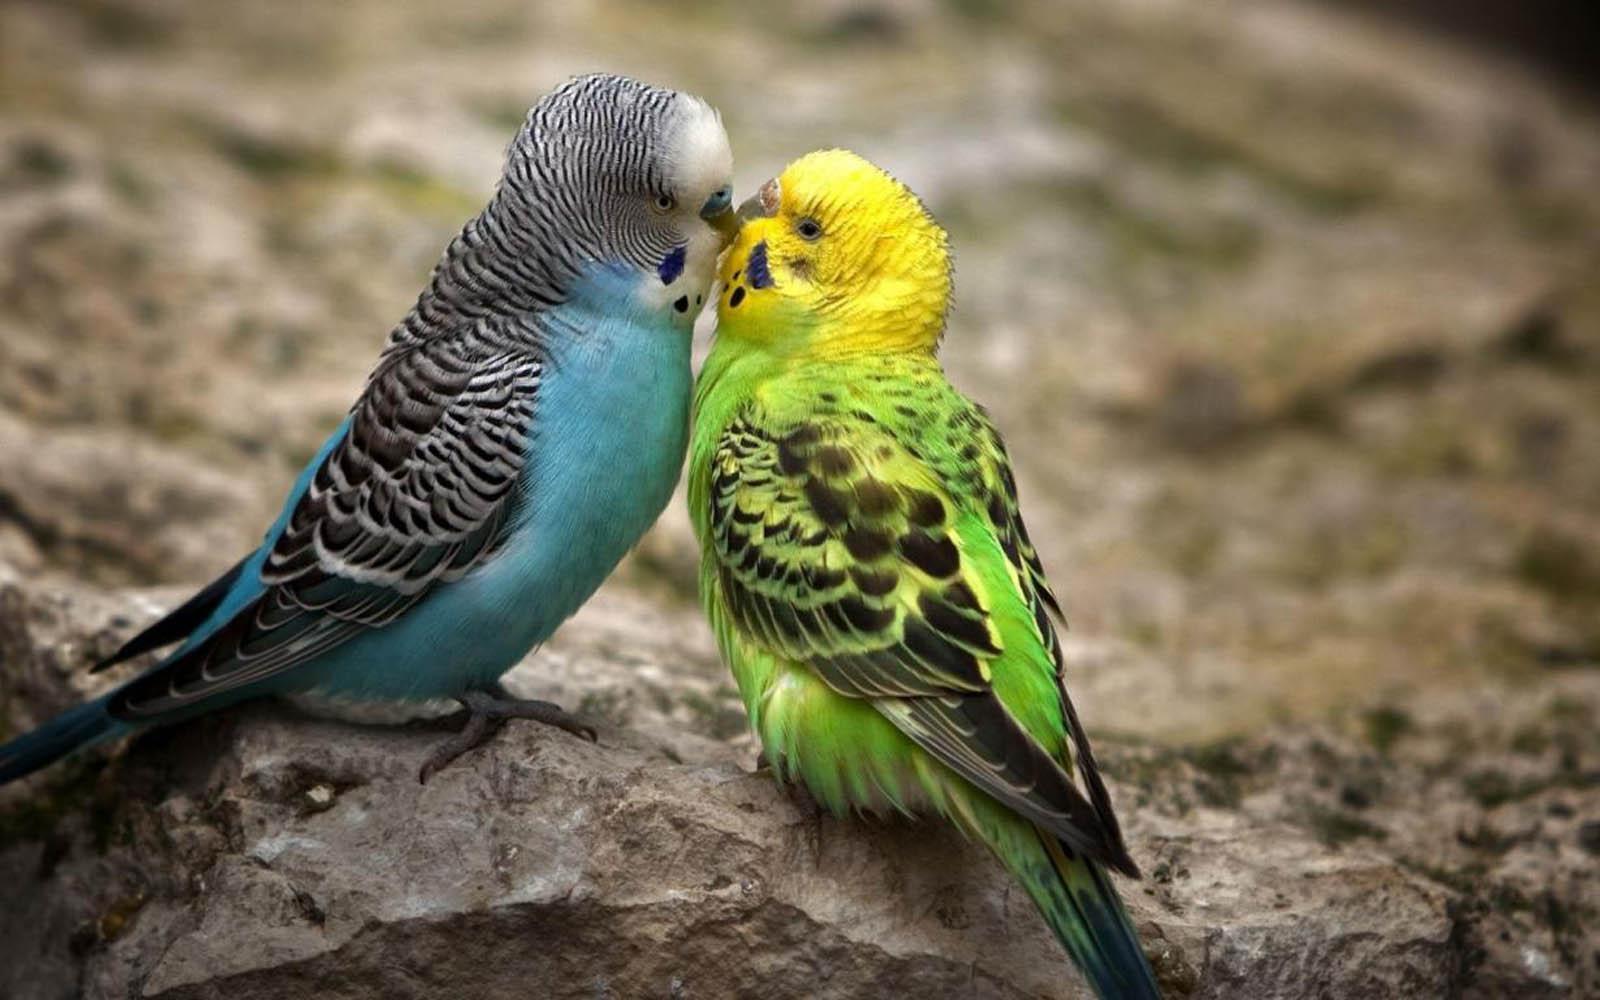 gambar burung lucu ciuman wallpaper burung cantik gambar 2 pasang 1600x1000